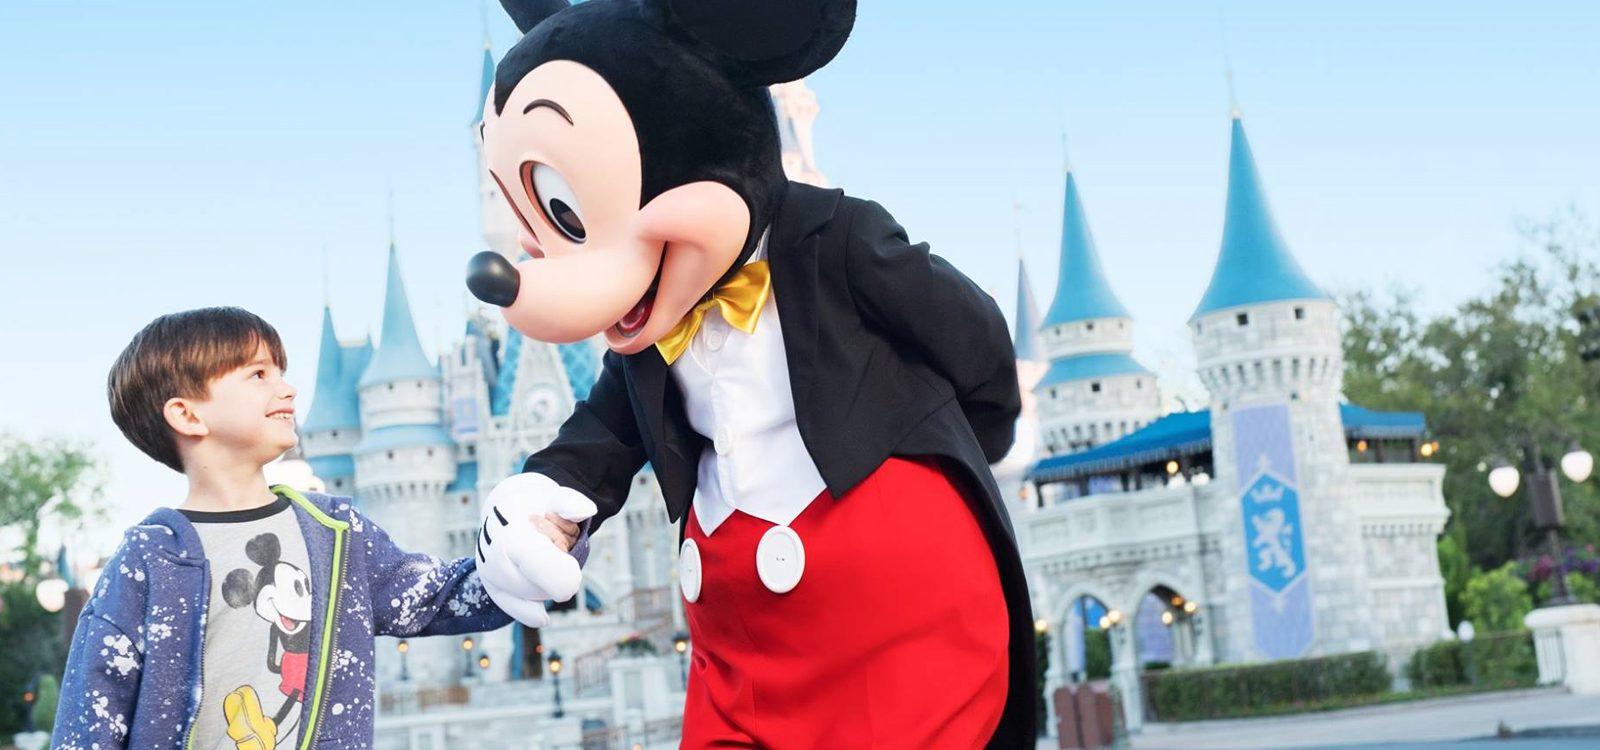 ofertas de viajes a Disneyland Paris desde Galicia